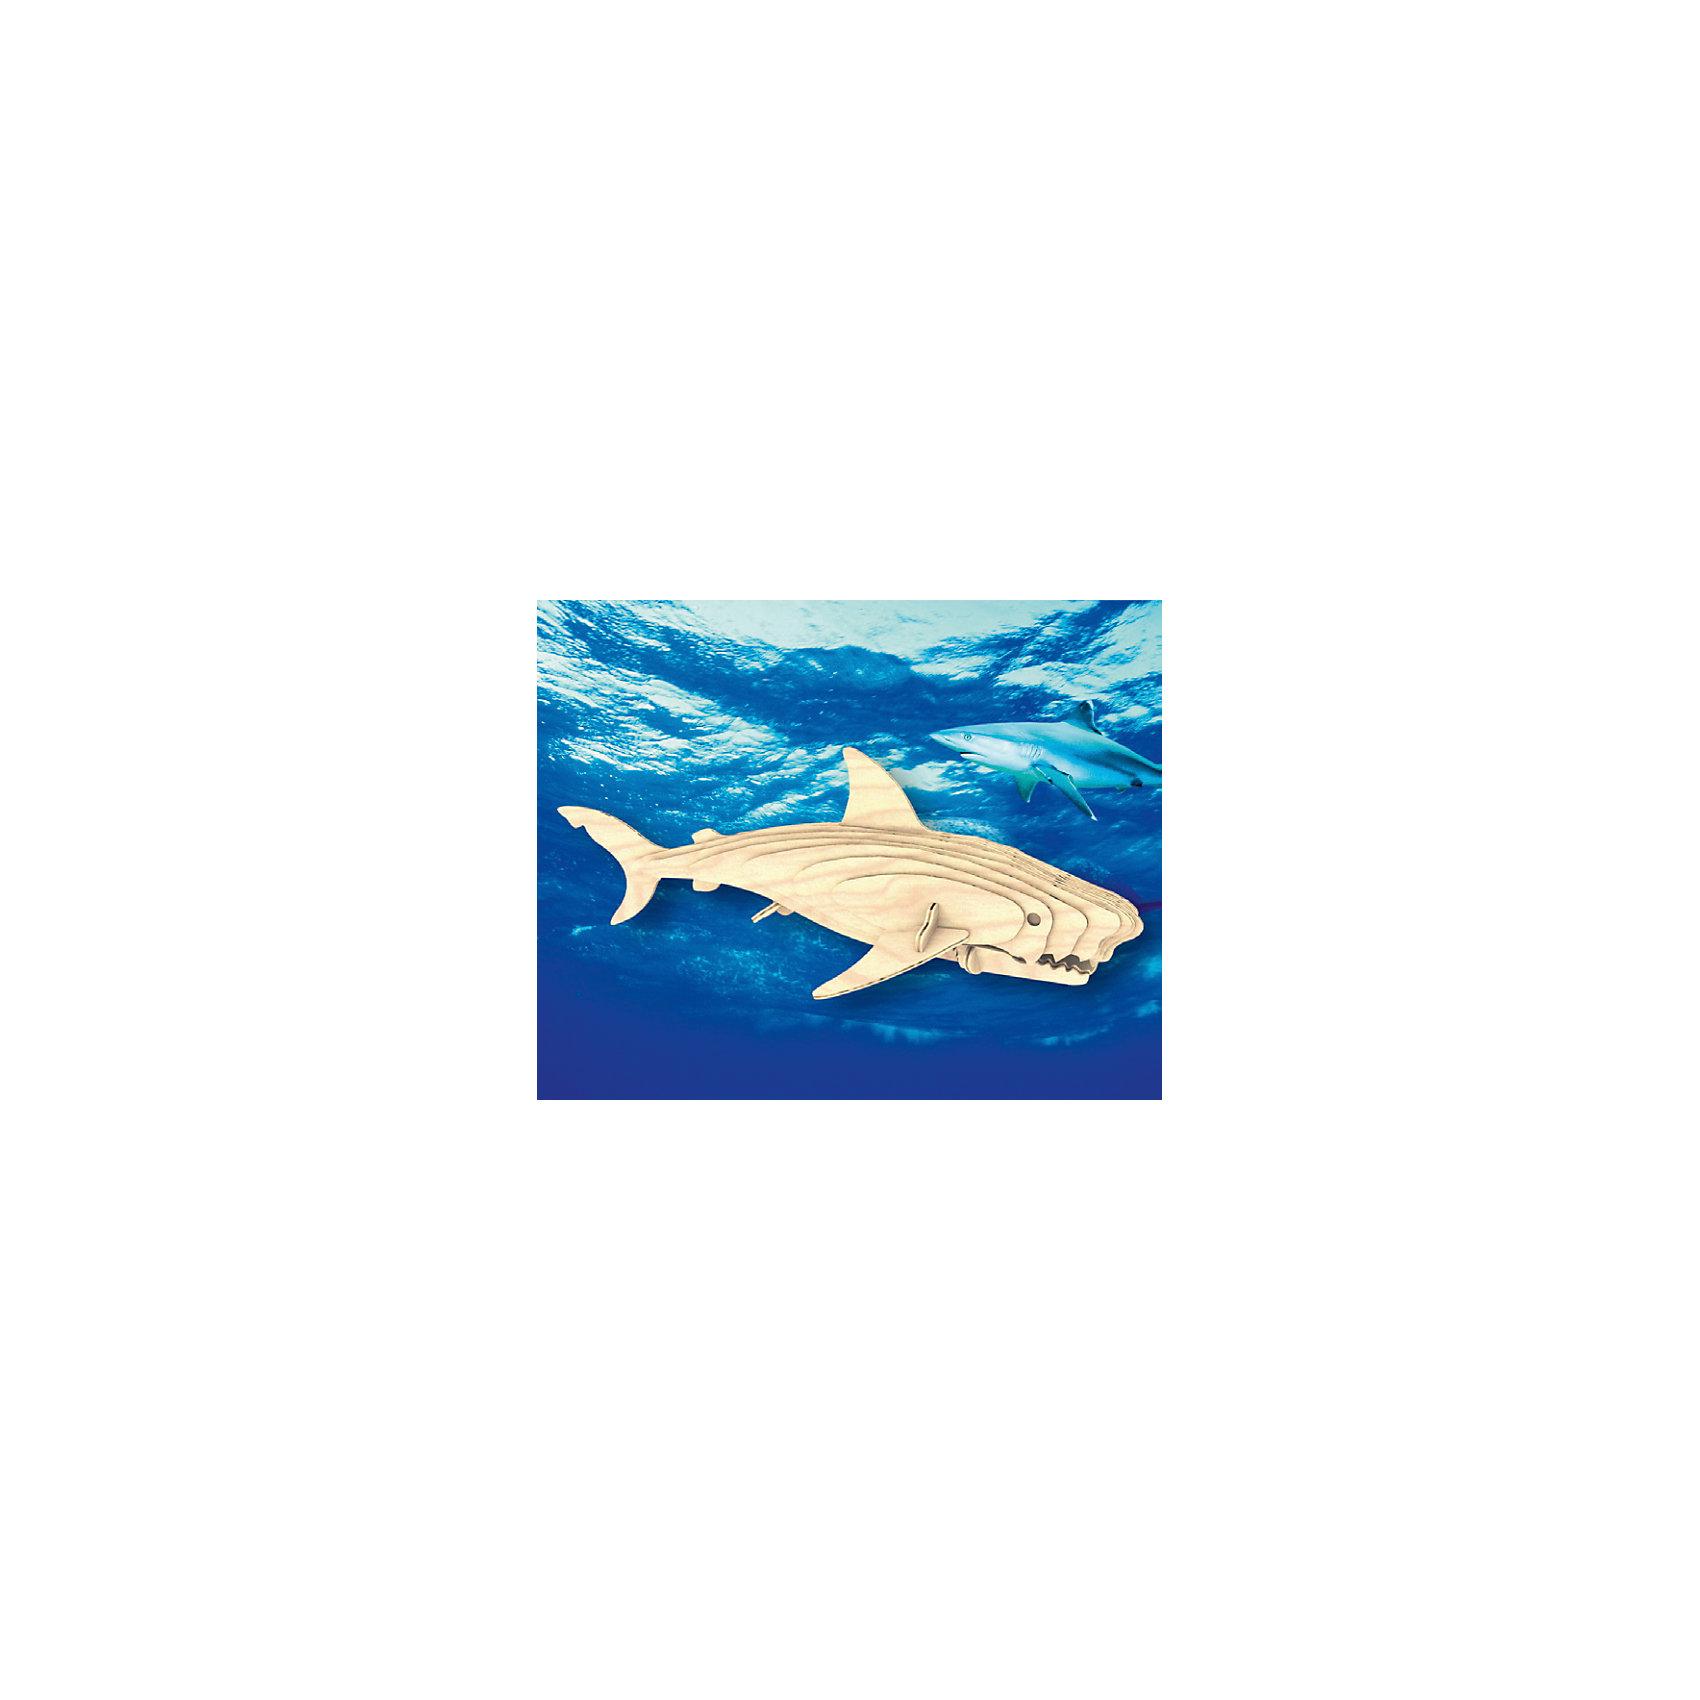 Белая акула, Мир деревянных игрушекУдачный вариант подарка для любящего животных творческого ребенка - этот набор, из которого можно самому сделать красивую деревянную фигуру! Для этого нужно выдавить из пластины с деталями элементы для сборки и соединить их. Из наборов получаются красивые очень реалистичные игрушки, которые могут стать украшением комнаты.<br>Собирая их, ребенок будет развивать пространственное мышление, память и мелкую моторику. А раскрашивая готовое произведение, дети научатся подбирать цвета и будут развивать художественные навыки. Этот набор произведен из качественных и безопасных для детей материалов - дерево тщательно обработано.<br><br>Дополнительная информация:<br><br>материал: дерево;<br>цвет: бежевый;<br>элементы: пластины с деталями, схема сборки;<br>размер упаковки: 23 х 37 см.<br><br>3D-пазл Белая акула от бренда Мир деревянных игрушек можно купить в нашем магазине.<br><br>Ширина мм: 350<br>Глубина мм: 50<br>Высота мм: 225<br>Вес г: 450<br>Возраст от месяцев: 36<br>Возраст до месяцев: 144<br>Пол: Унисекс<br>Возраст: Детский<br>SKU: 4969257